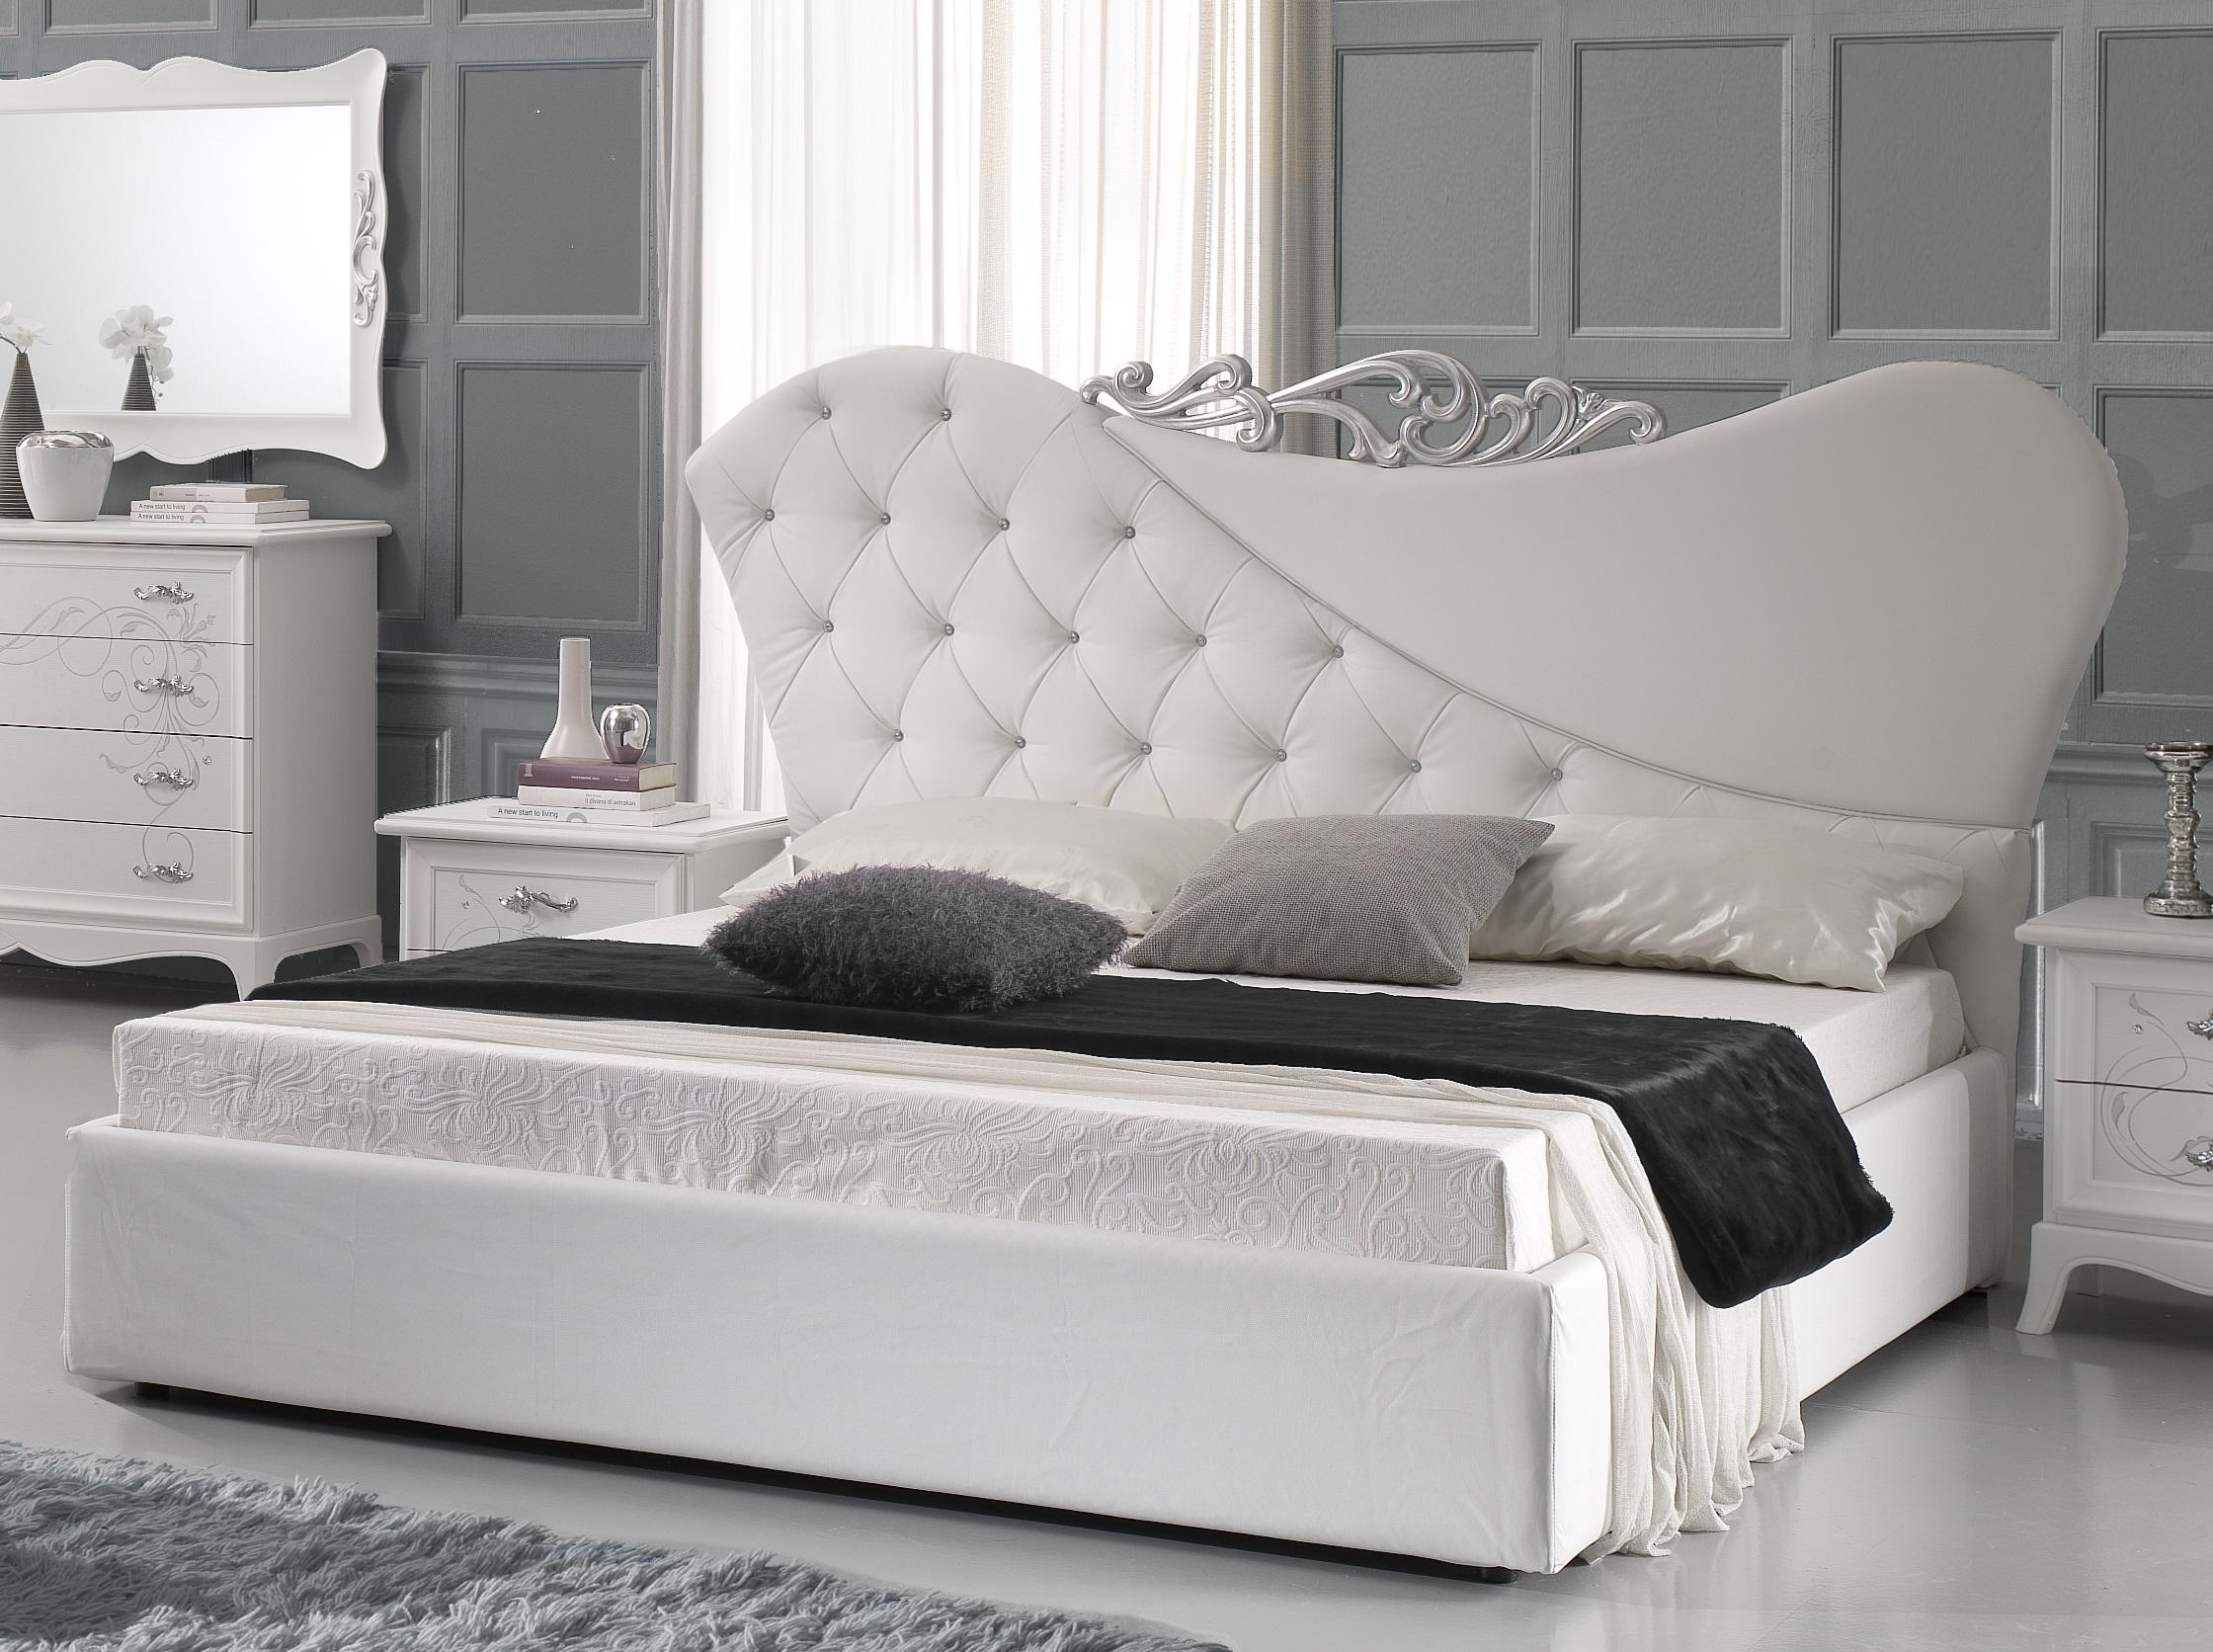 Full Size of Betten Weiß Doppeltbett Gisell In Weiss Edel Luxus Bett Ohne Lattenrost Weißes Regal Günstig Kaufen 180x200 Bad Hochschrank Schlafzimmer Bei Ikea Schramm Bett Betten Weiß